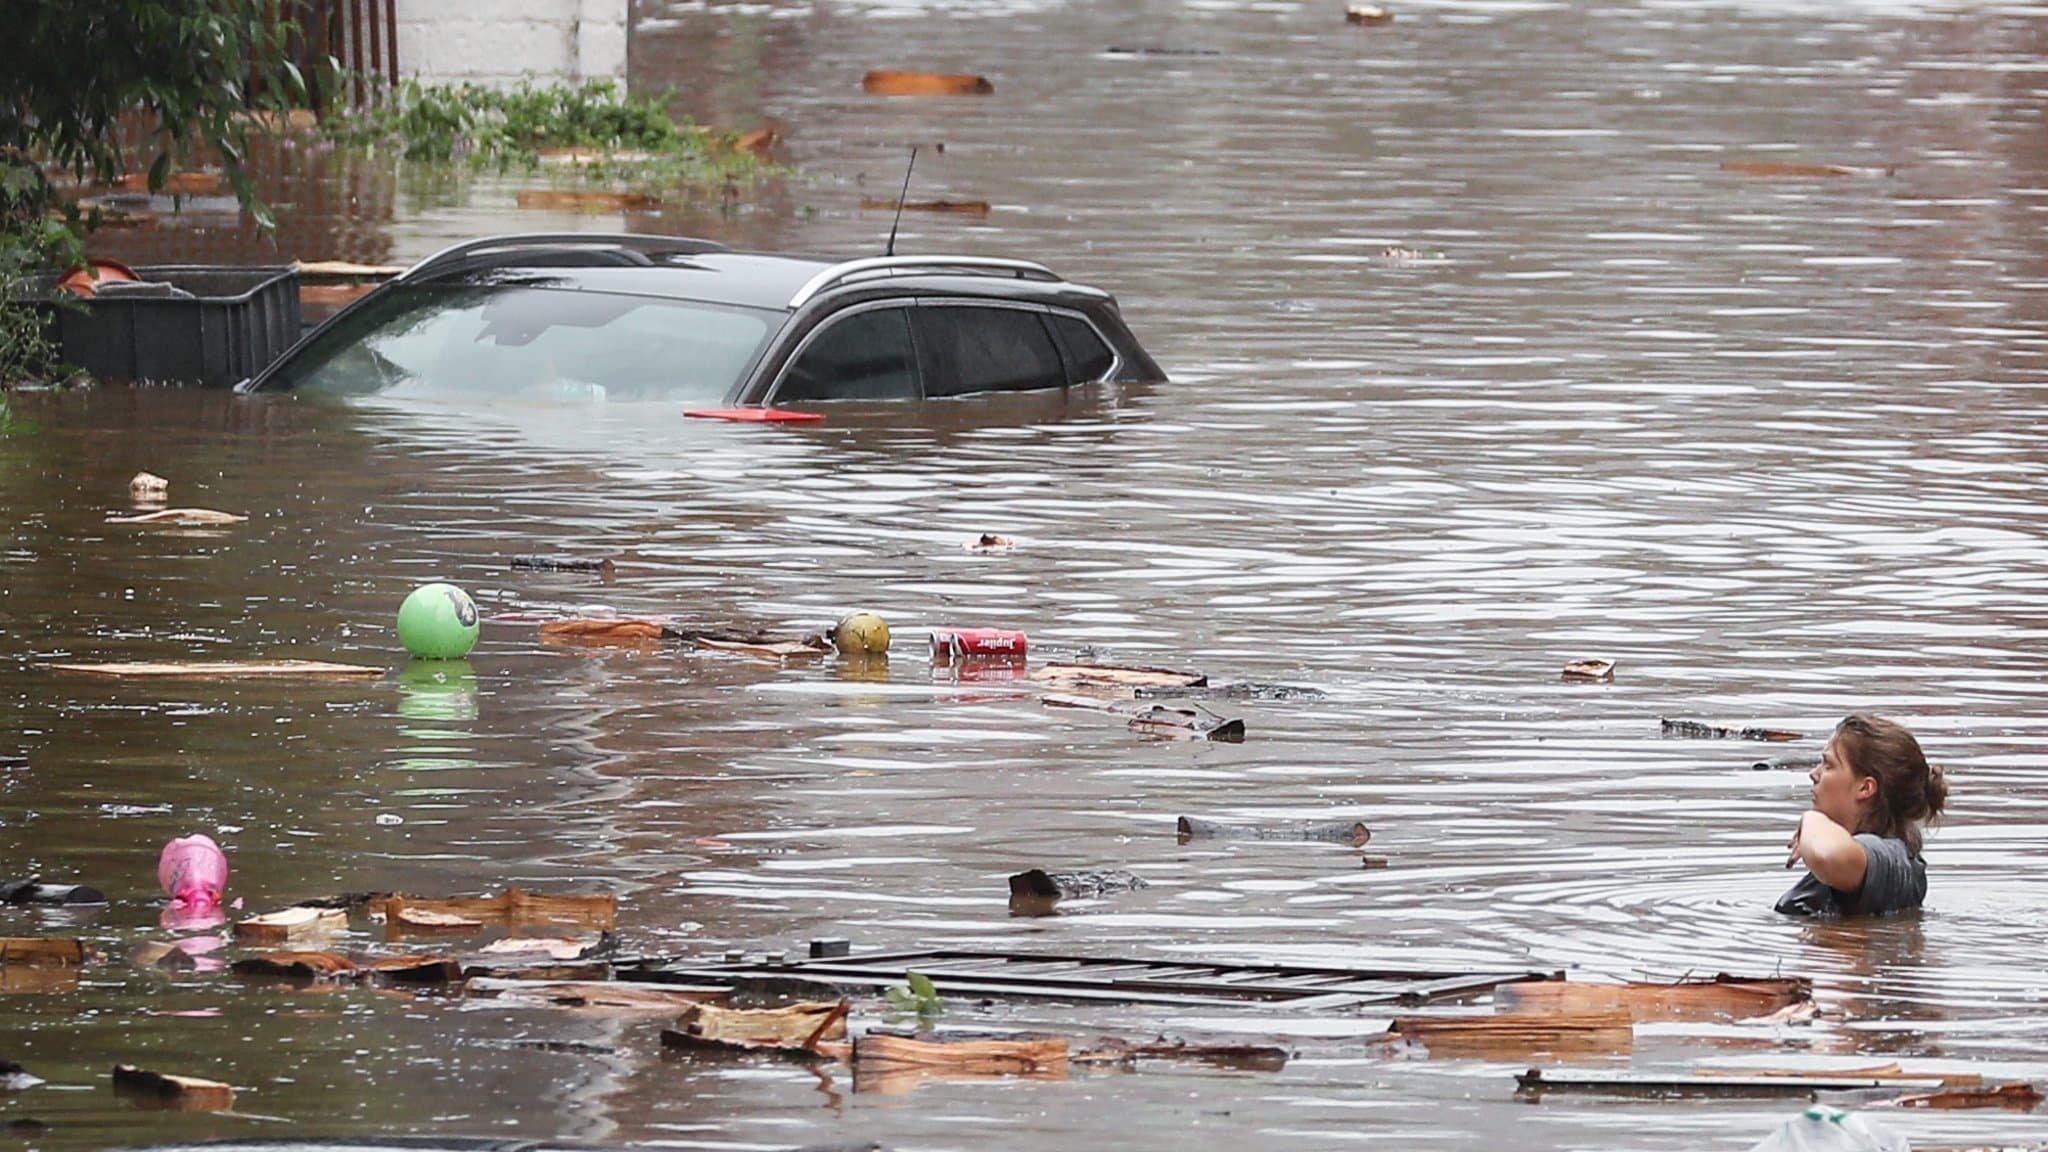 Quelques news préoccupantes concernant le climat. - Page 9 1626418353-une-rue-inondee-a-liege-belgique-le-15-juillet-2021-1068446